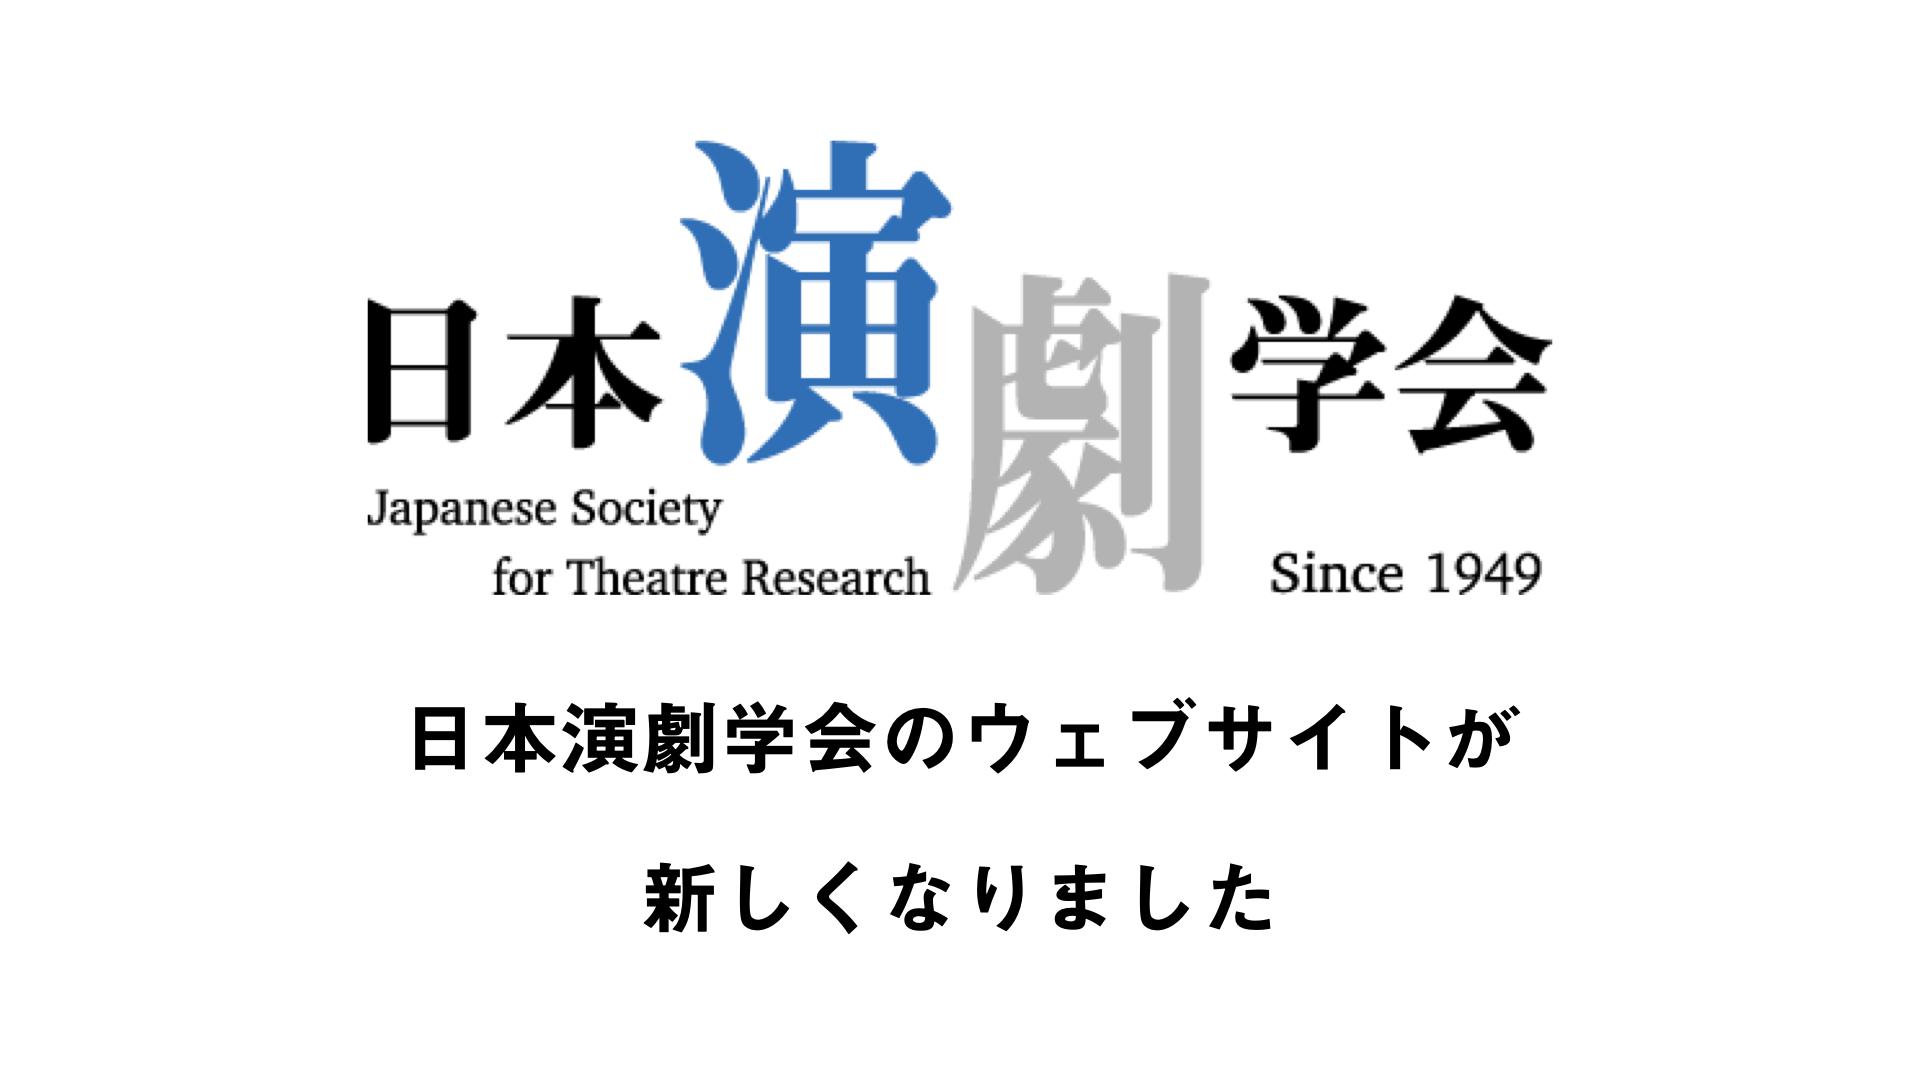 日本演劇学会のサイトが新しくなりました